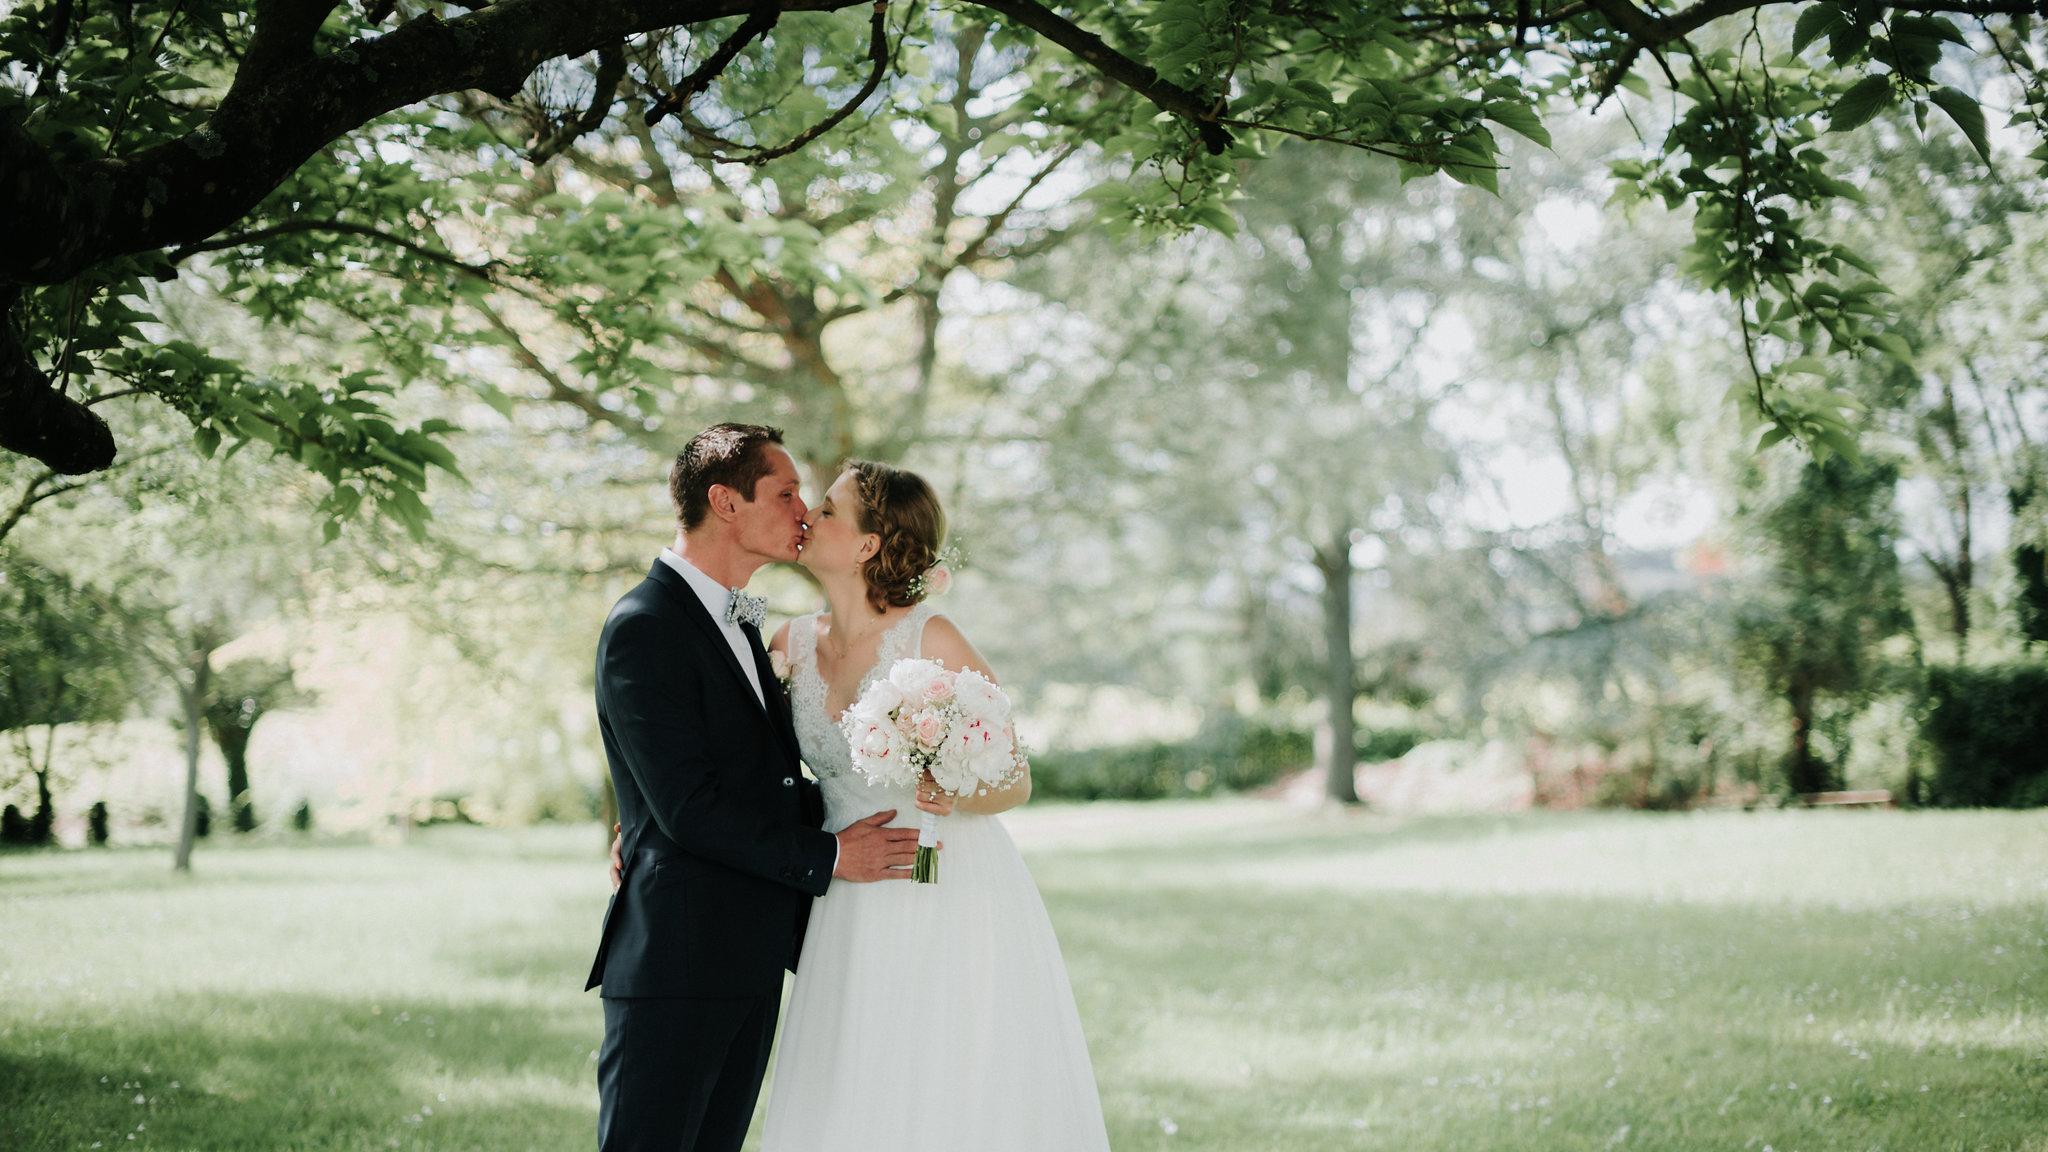 Léa-Fery-photographe-professionnel-lyon-rhone-alpes-portrait-creation-mariage-evenement-evenementiel-famille-2238.jpg